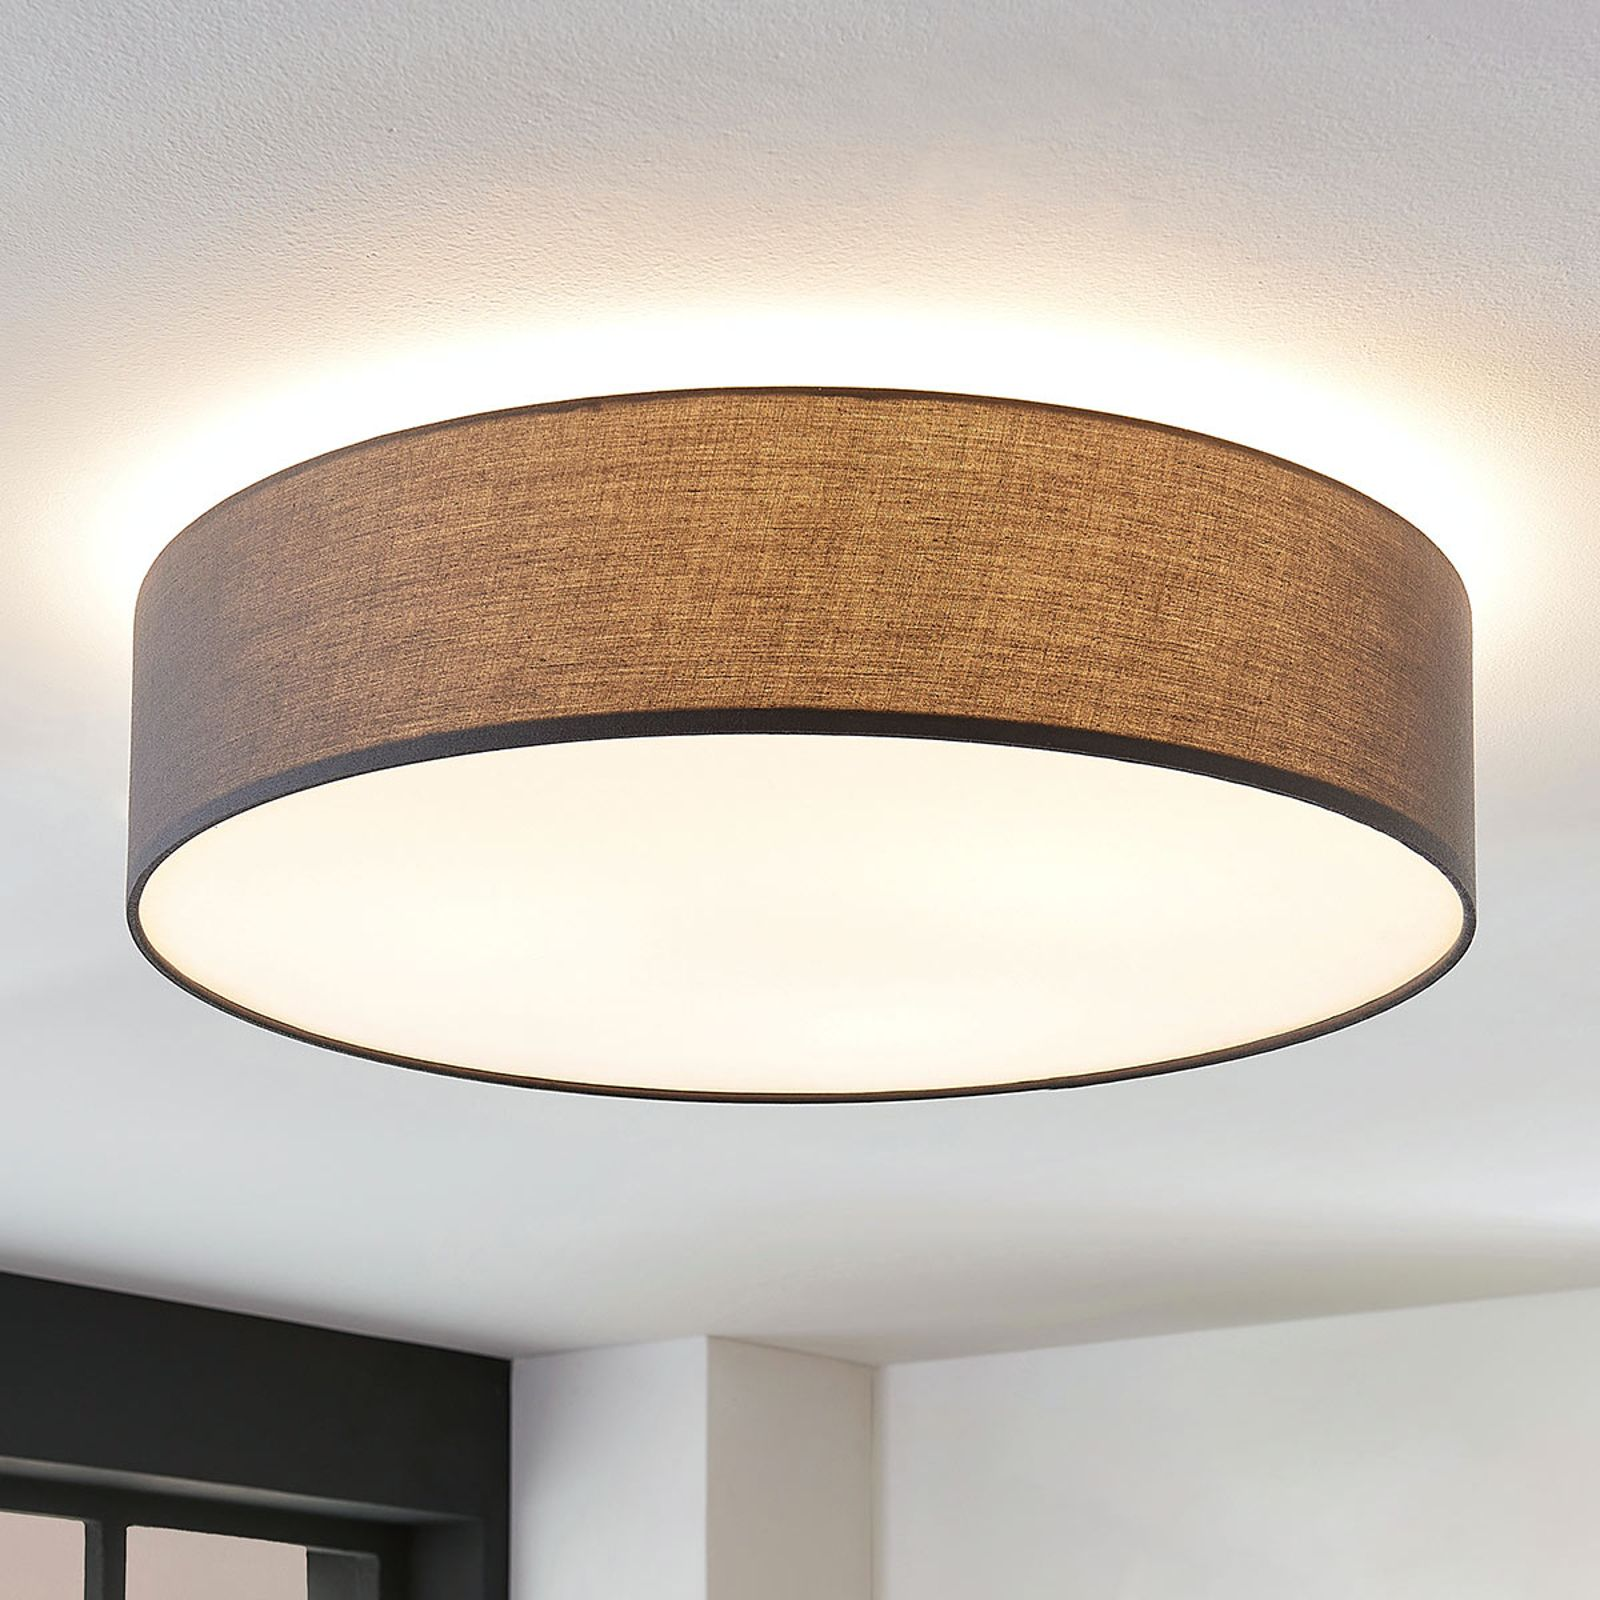 Ikea Schlafzimmer Deckenlampe